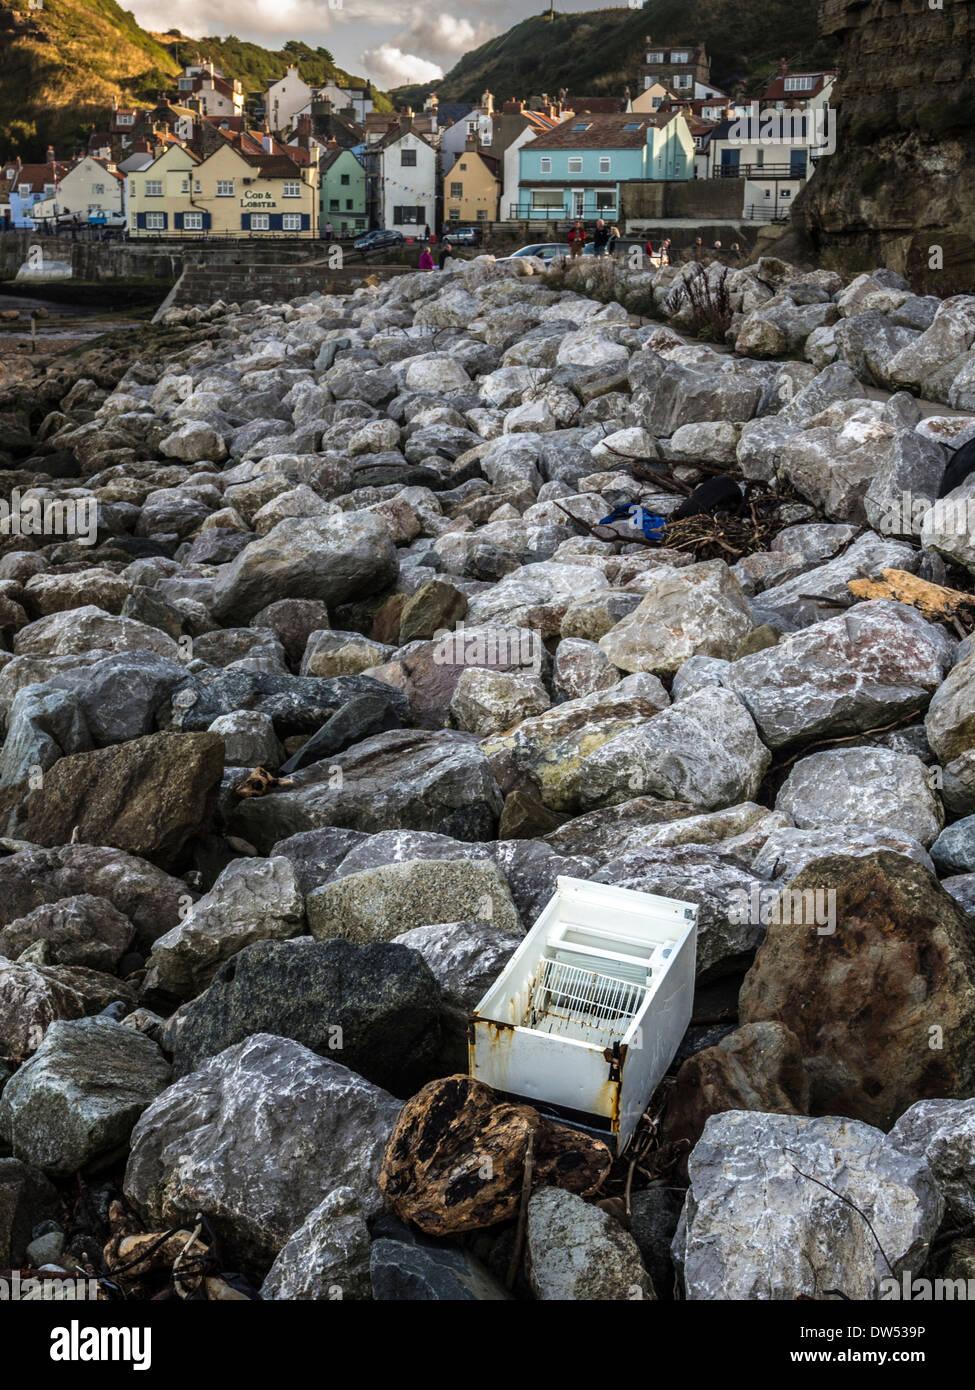 Discarded fridge washed up on rocks at Staithes, UK. - Stock Image